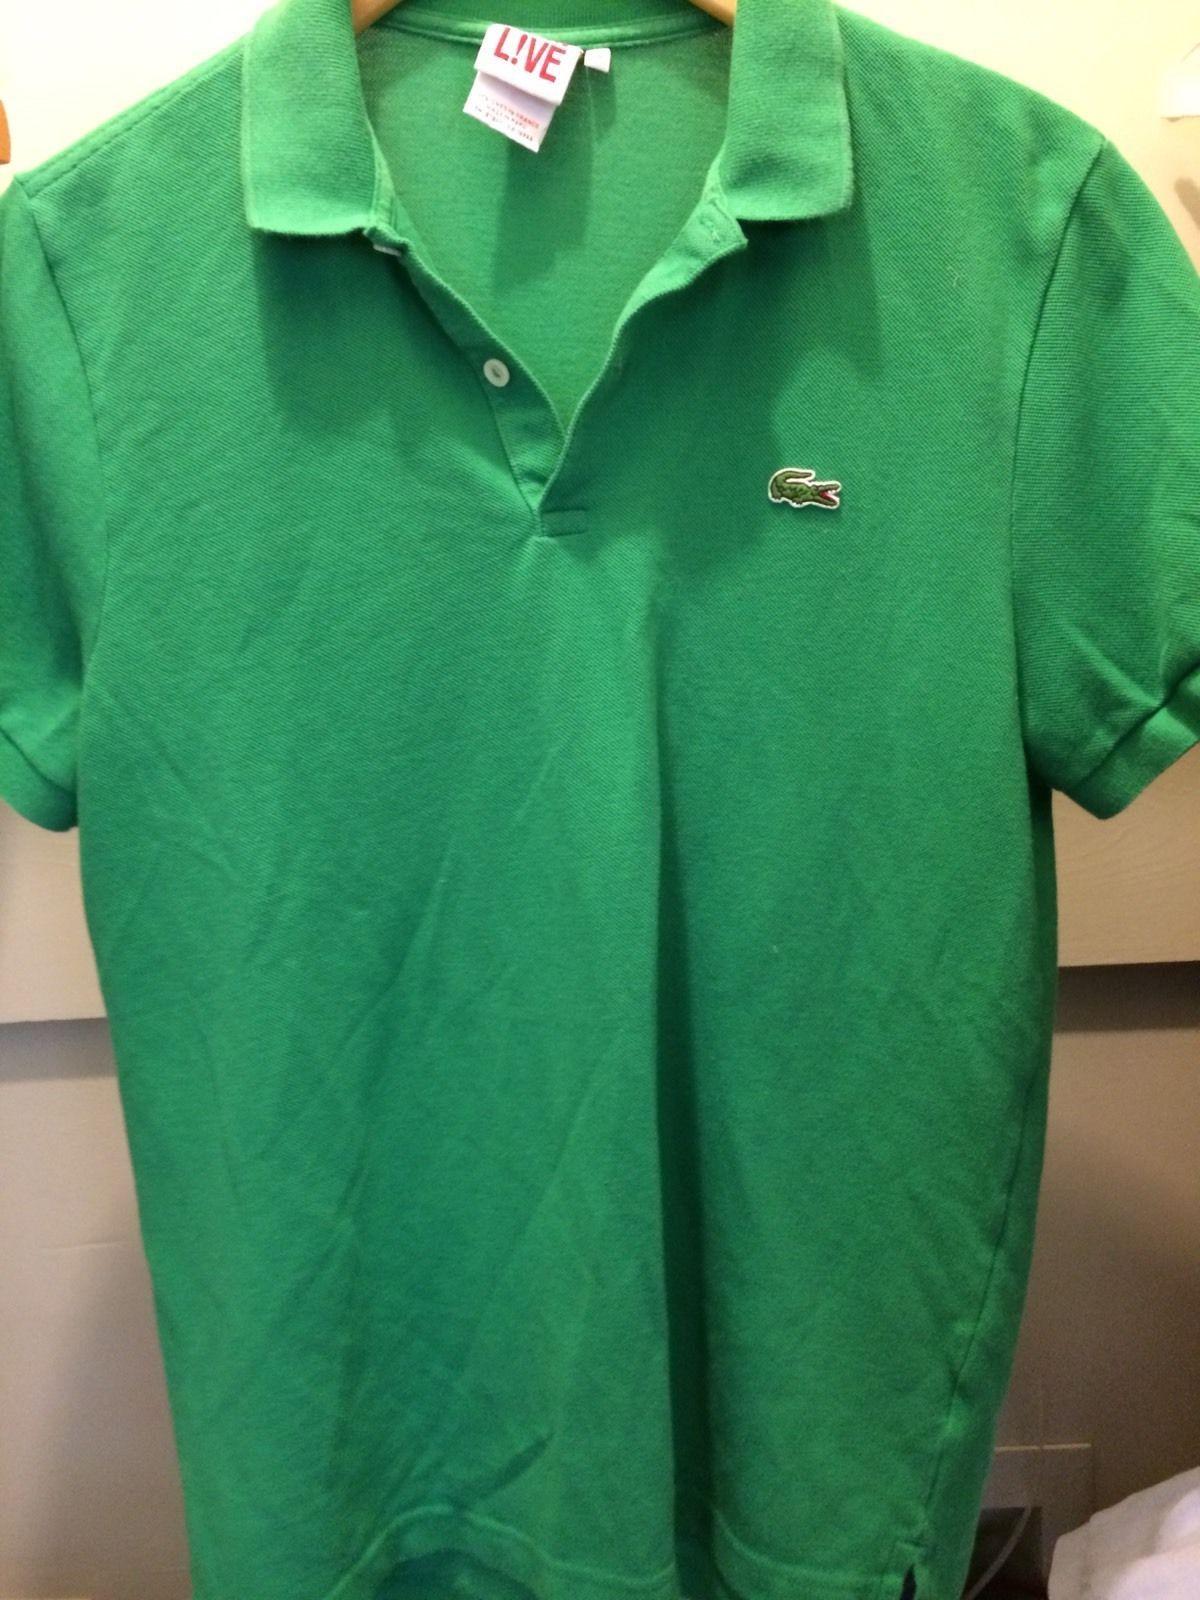 d000d6012 Lacoste Polo Shirt Original Price - DREAMWORKS